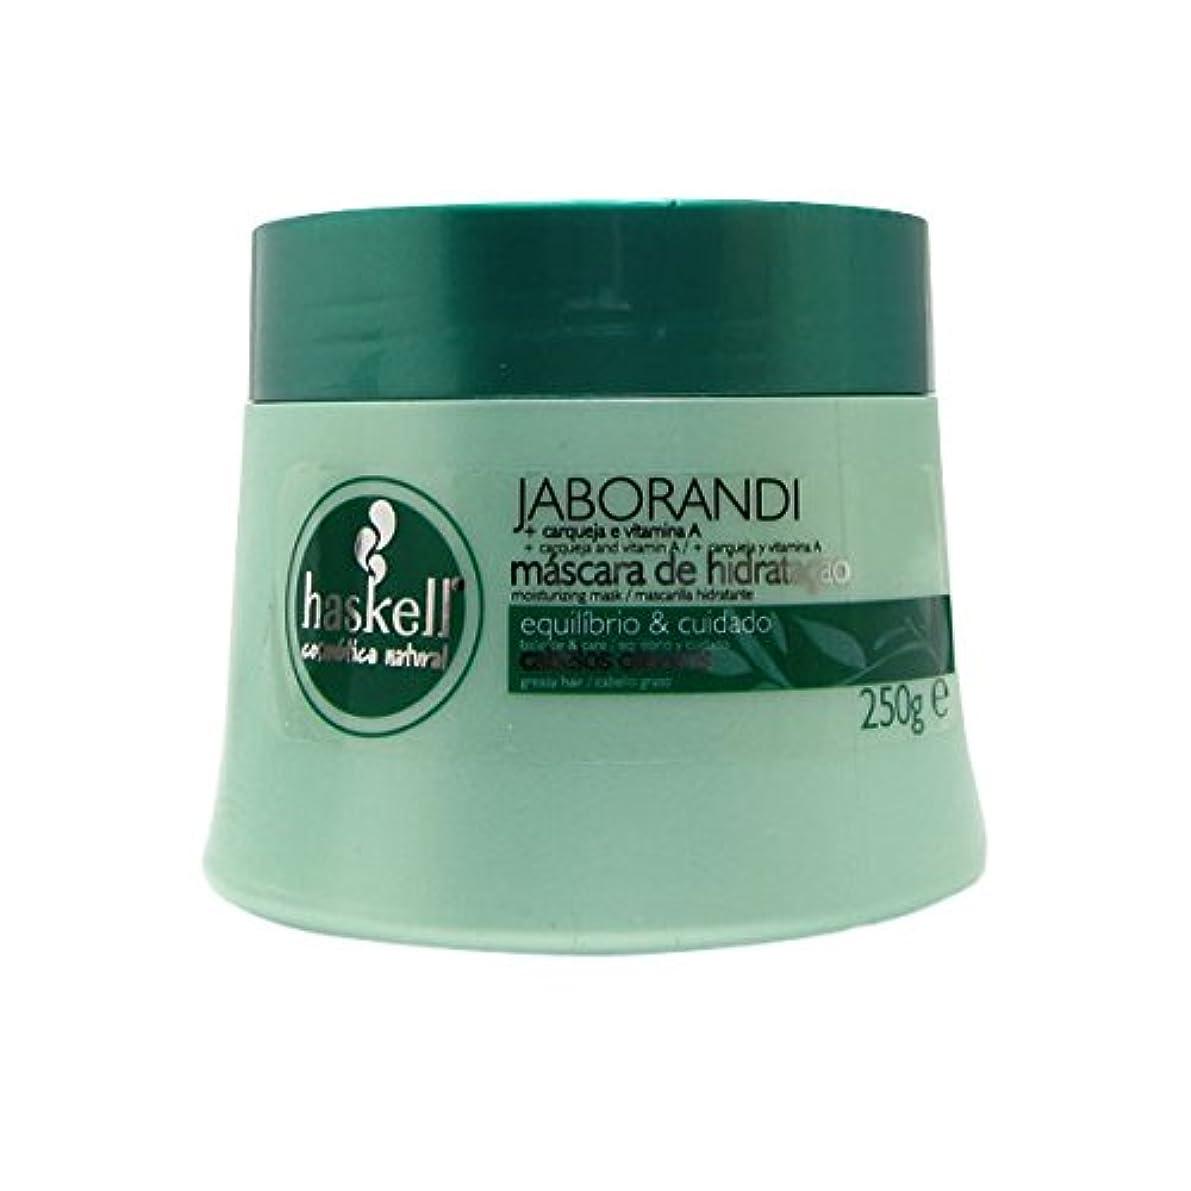 サドル器具一族Haskell Jaborandi Hair Mask 250g [並行輸入品]